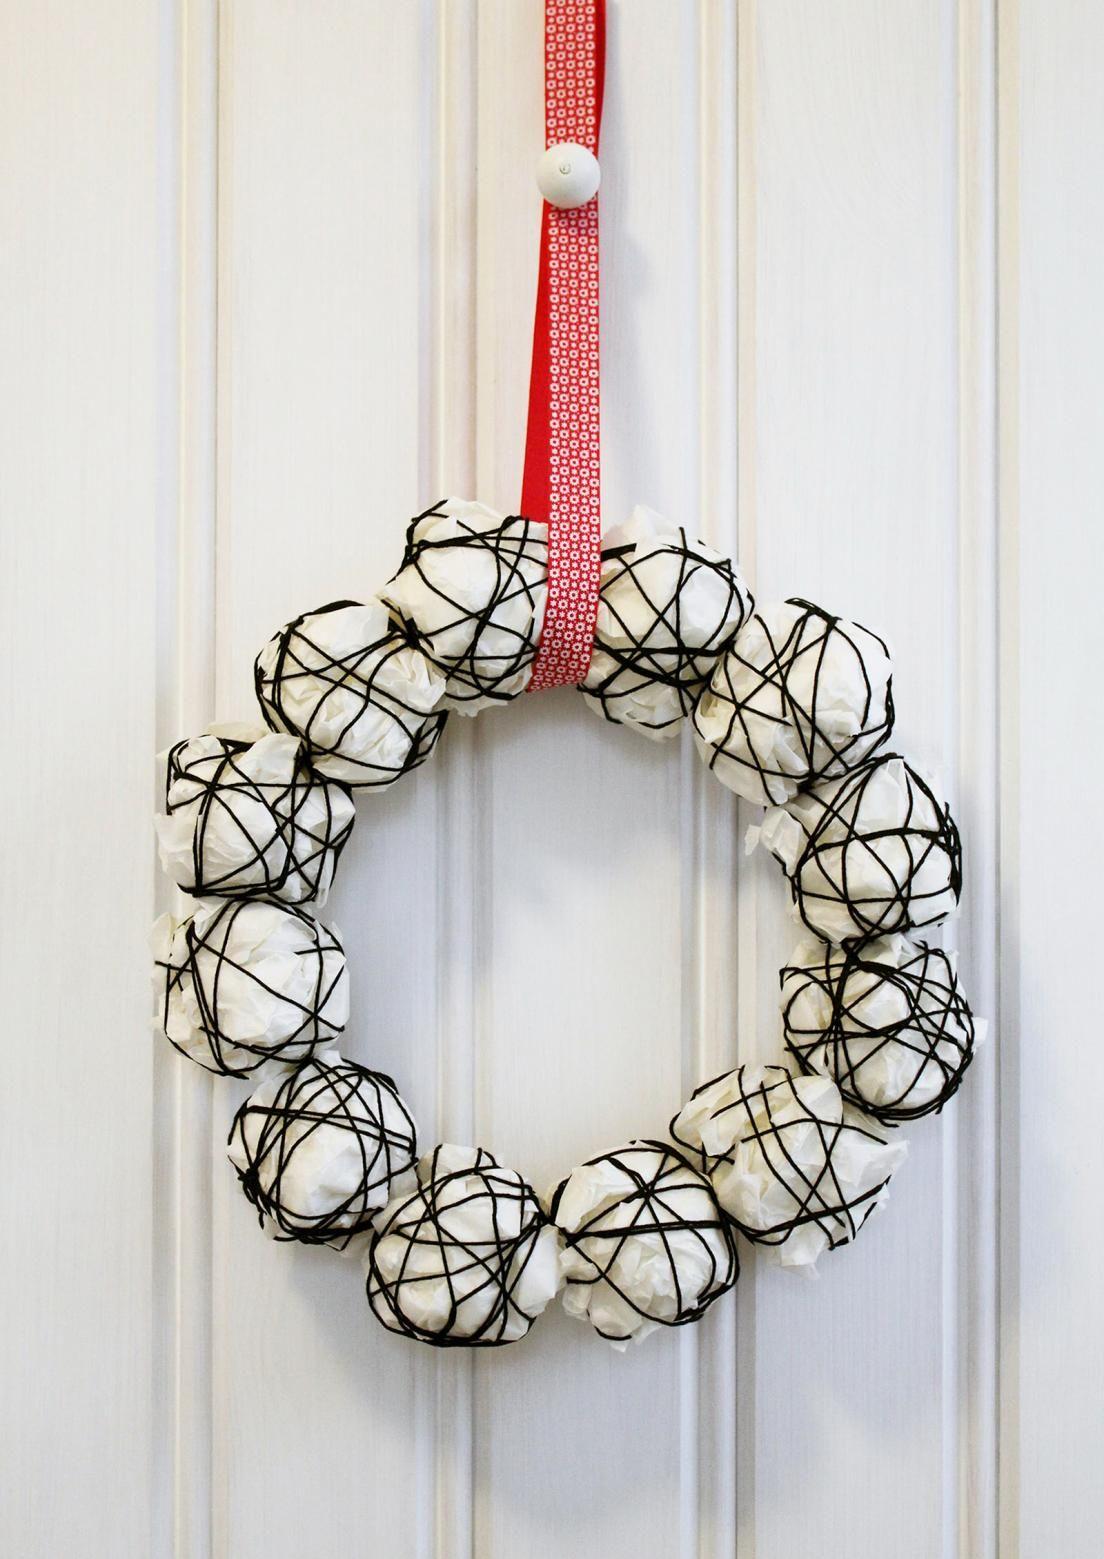 Askartele joulukranssi rytätystä paperista ja ohuesta rautalangasta. Kranssi sopii koristeeksi seinälle, ikkunaan tai sisäoveen. Katso helppo ohje.